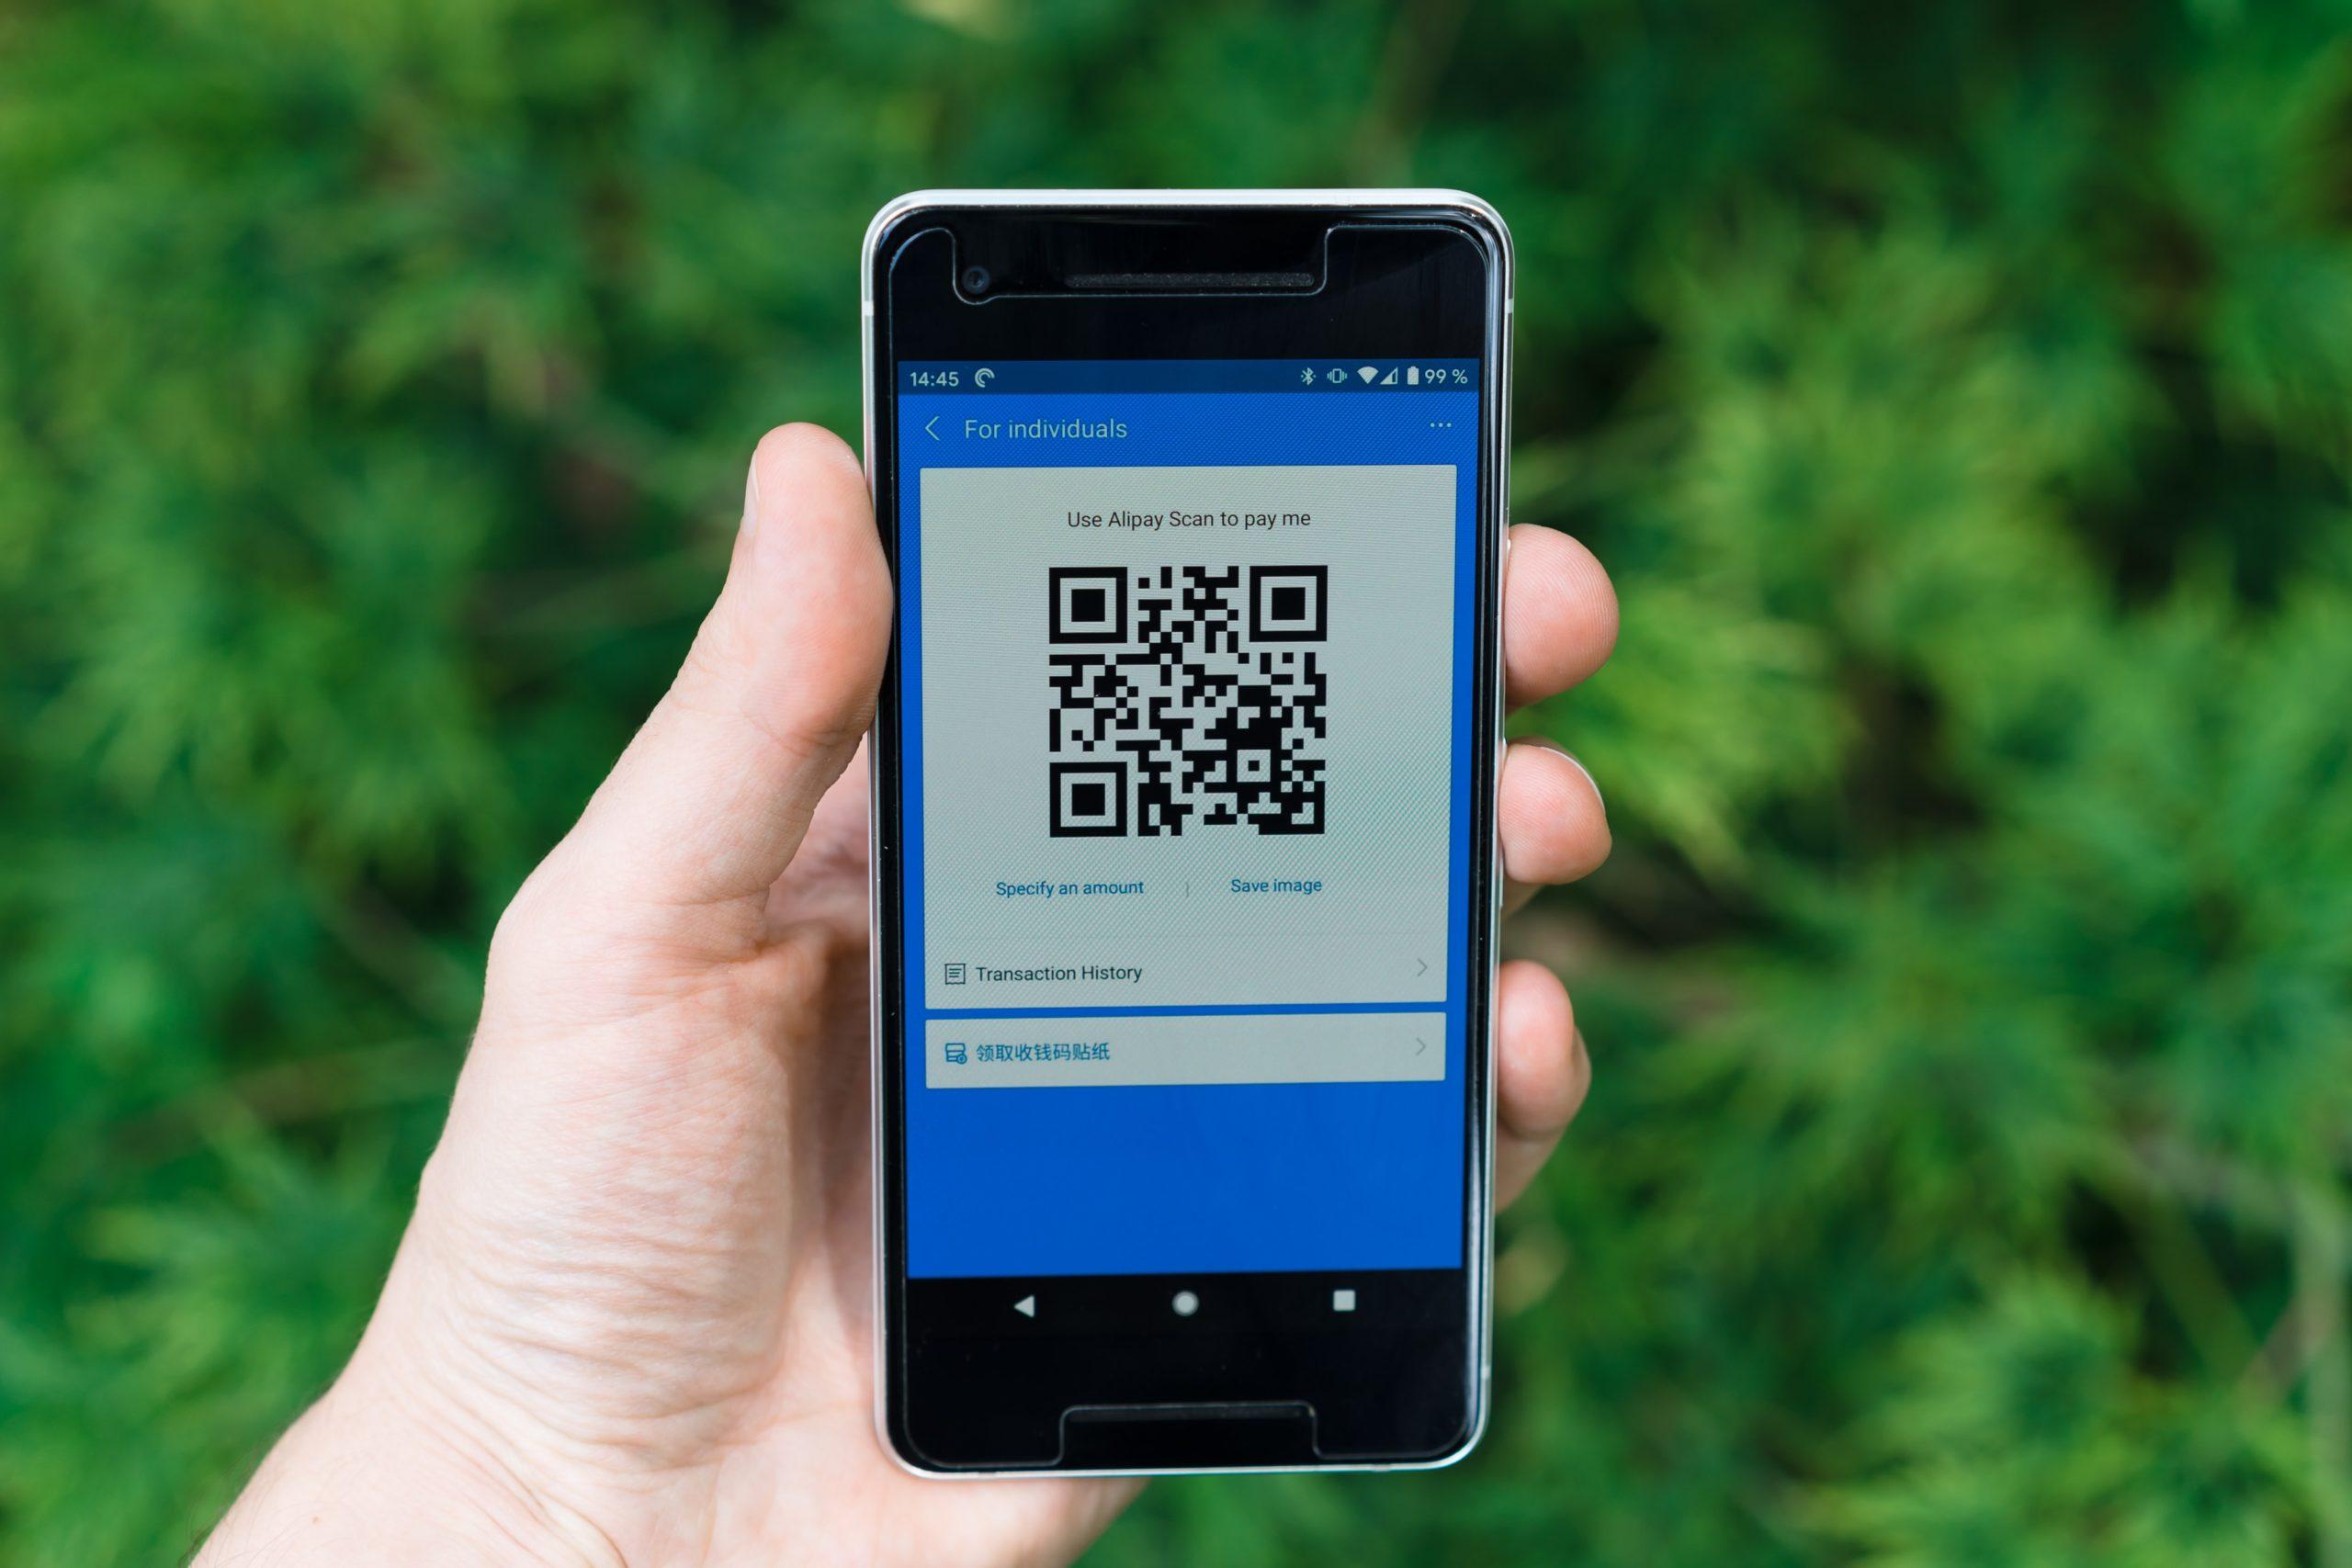 Android : désinstallez d'urgence cette application, elle abrite un malware ! - Journal du geek